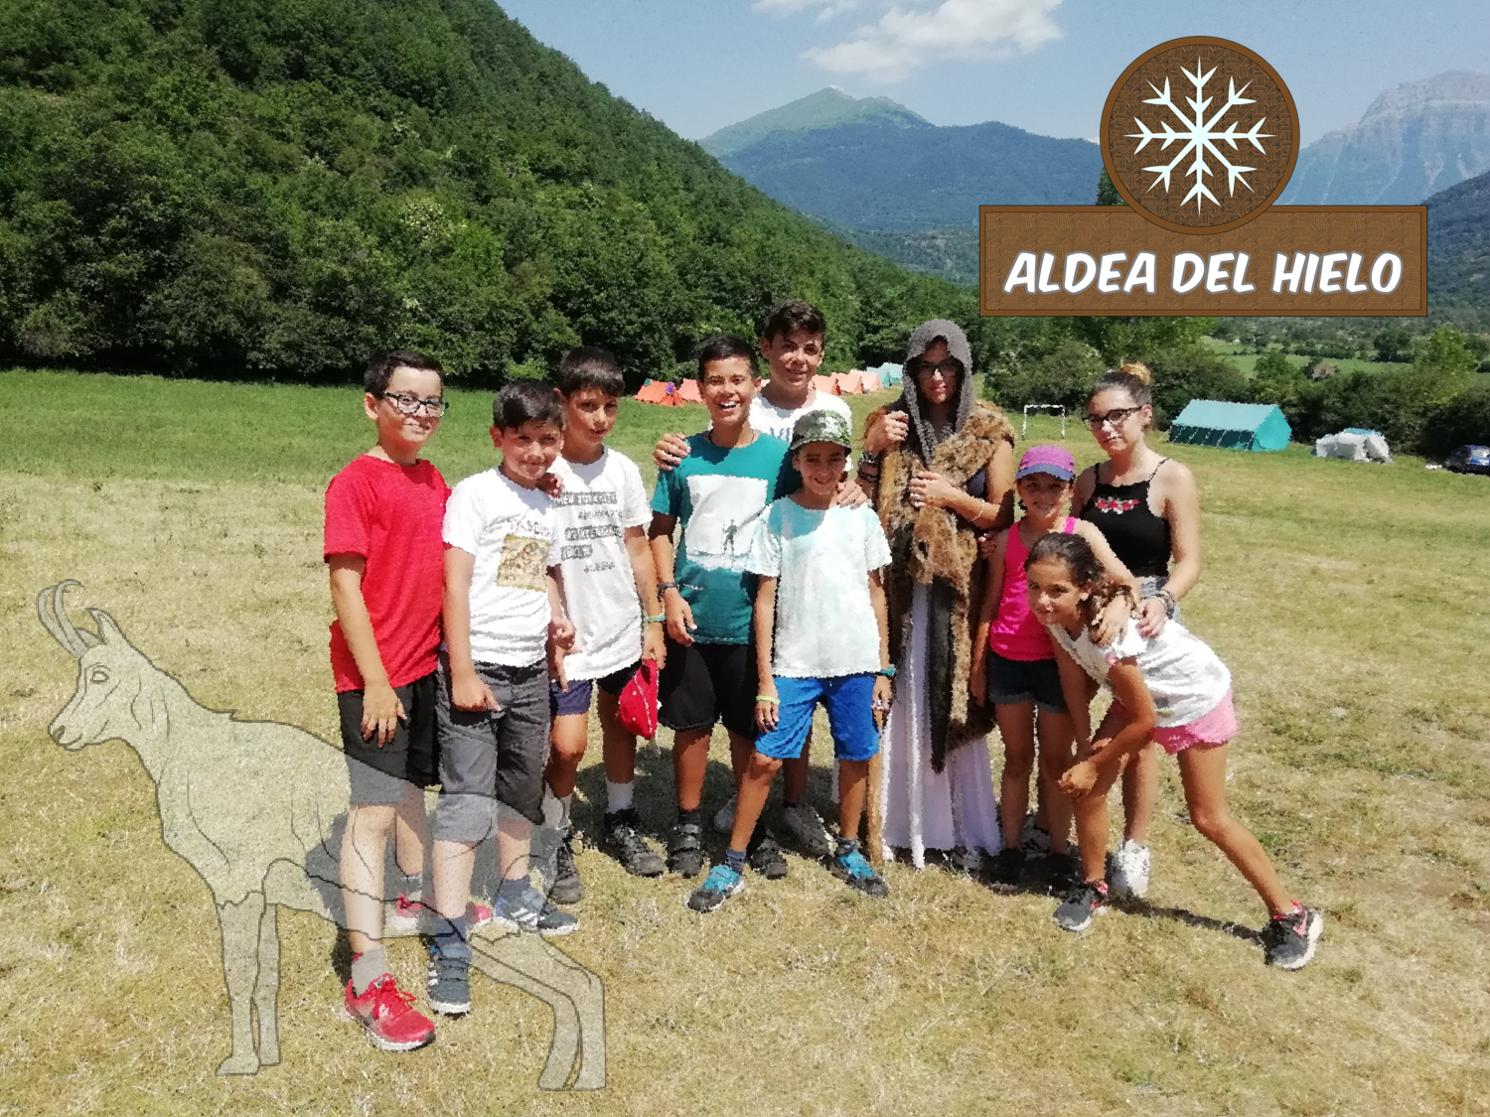 Aldea del hielo | Campamento Turquino 2018: la leyenda de Ordesa